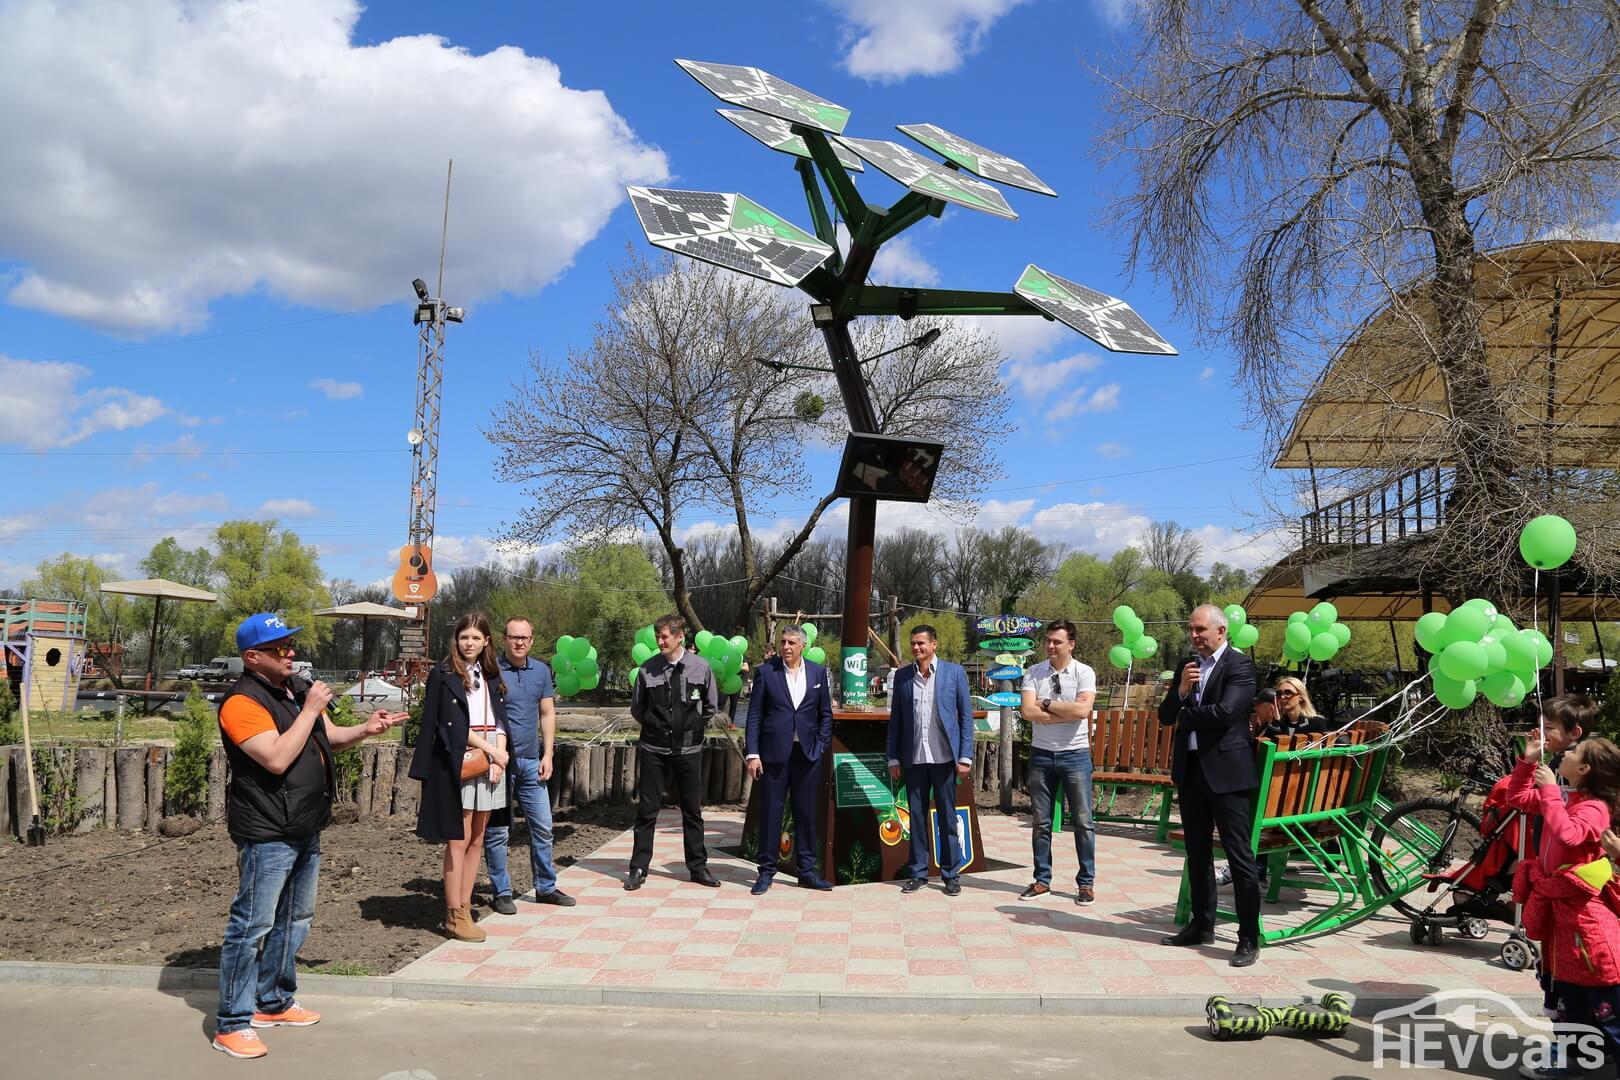 Открытие металлического дерева «Источник-каштан» с солнечными панелями